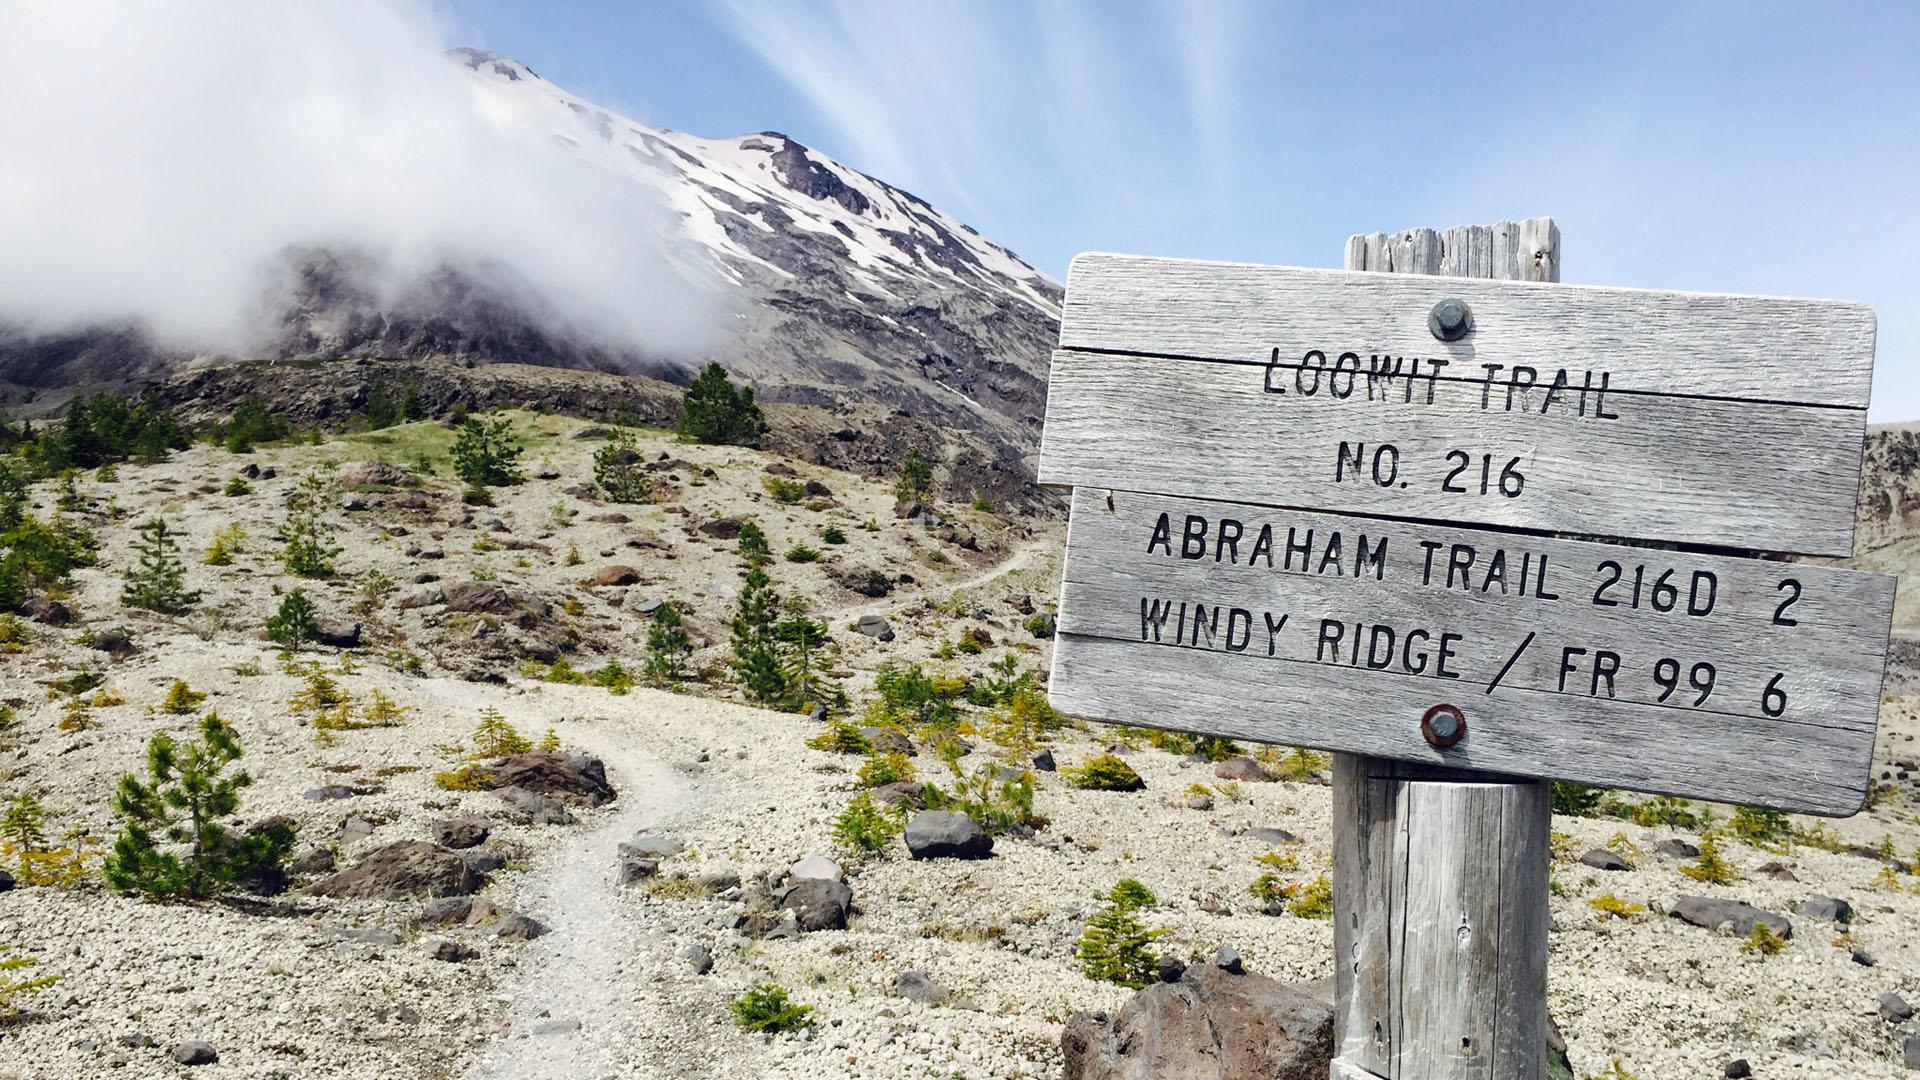 36 miles around the mountain. Go!